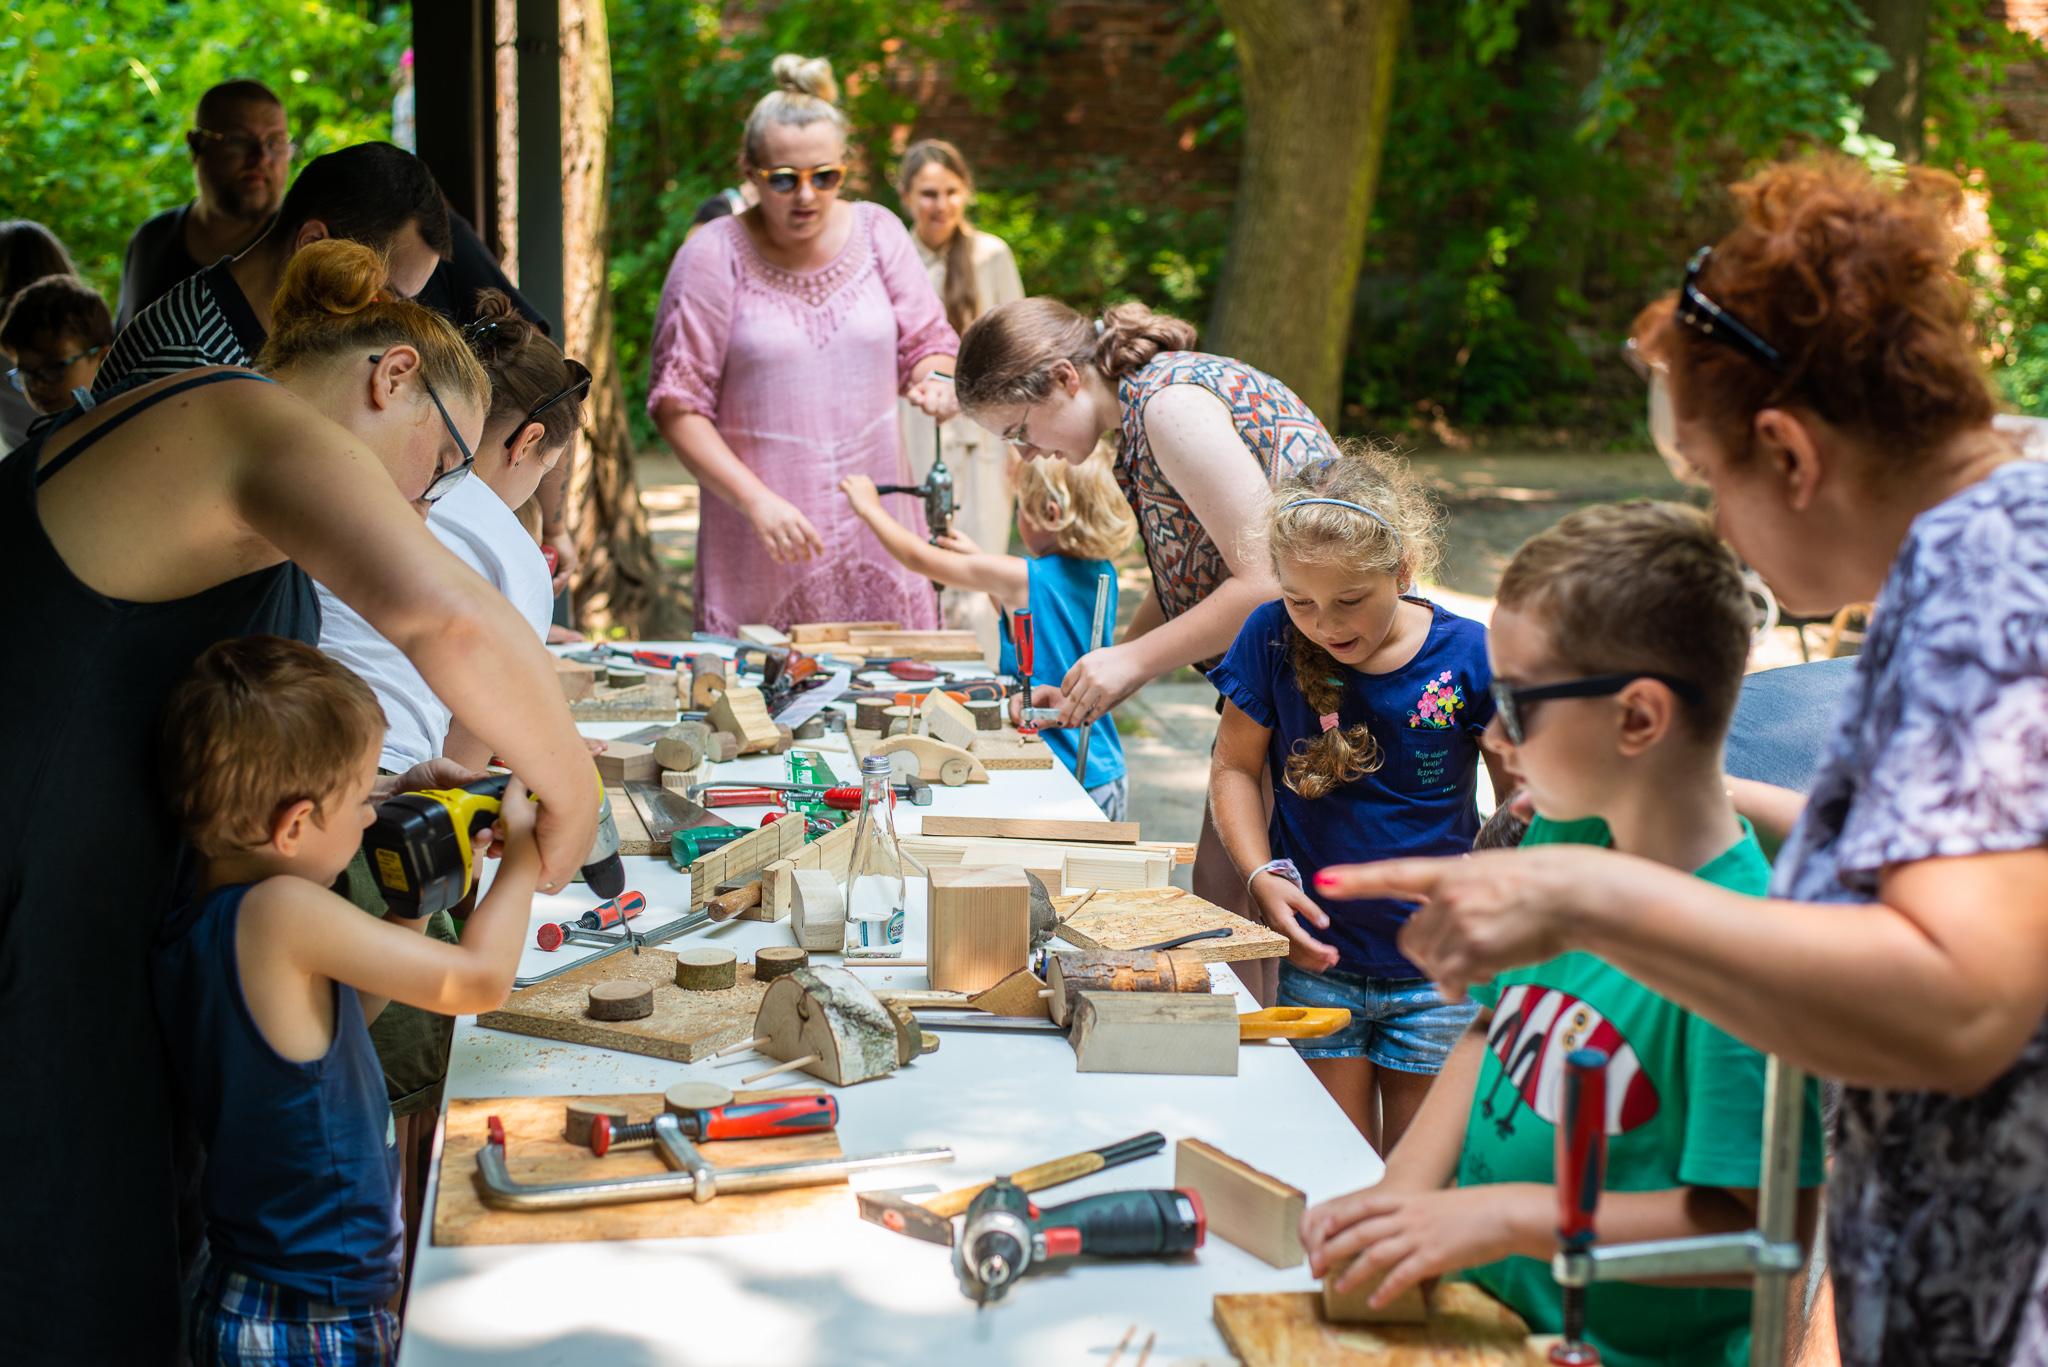 Grupa dorosłych i dzieci używająca narzędzi stolarskich